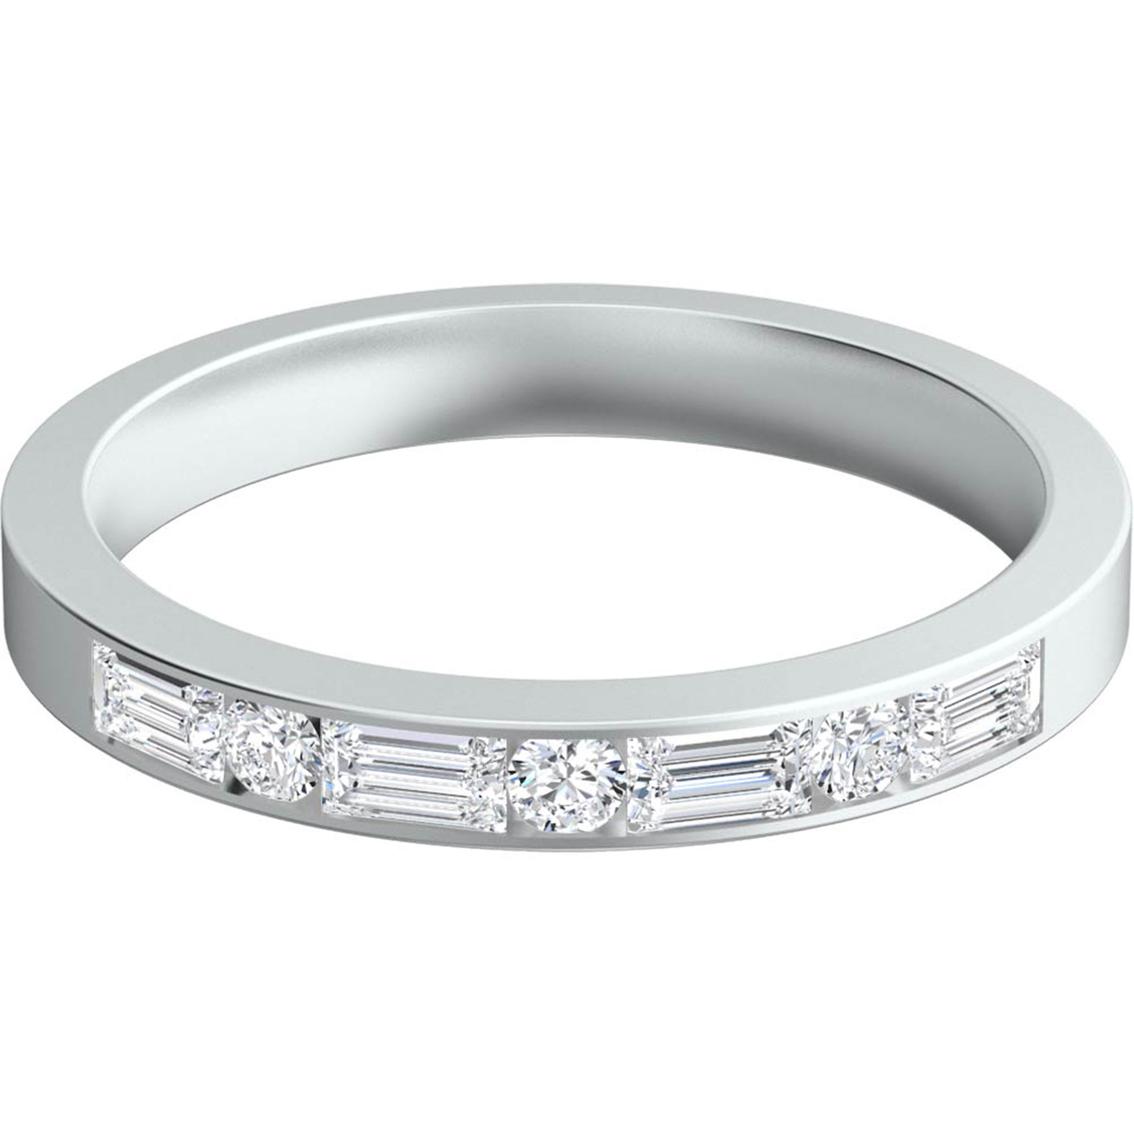 Sasha Primak Platinum 12 Ctw Baguette And Round Diamond Wedding